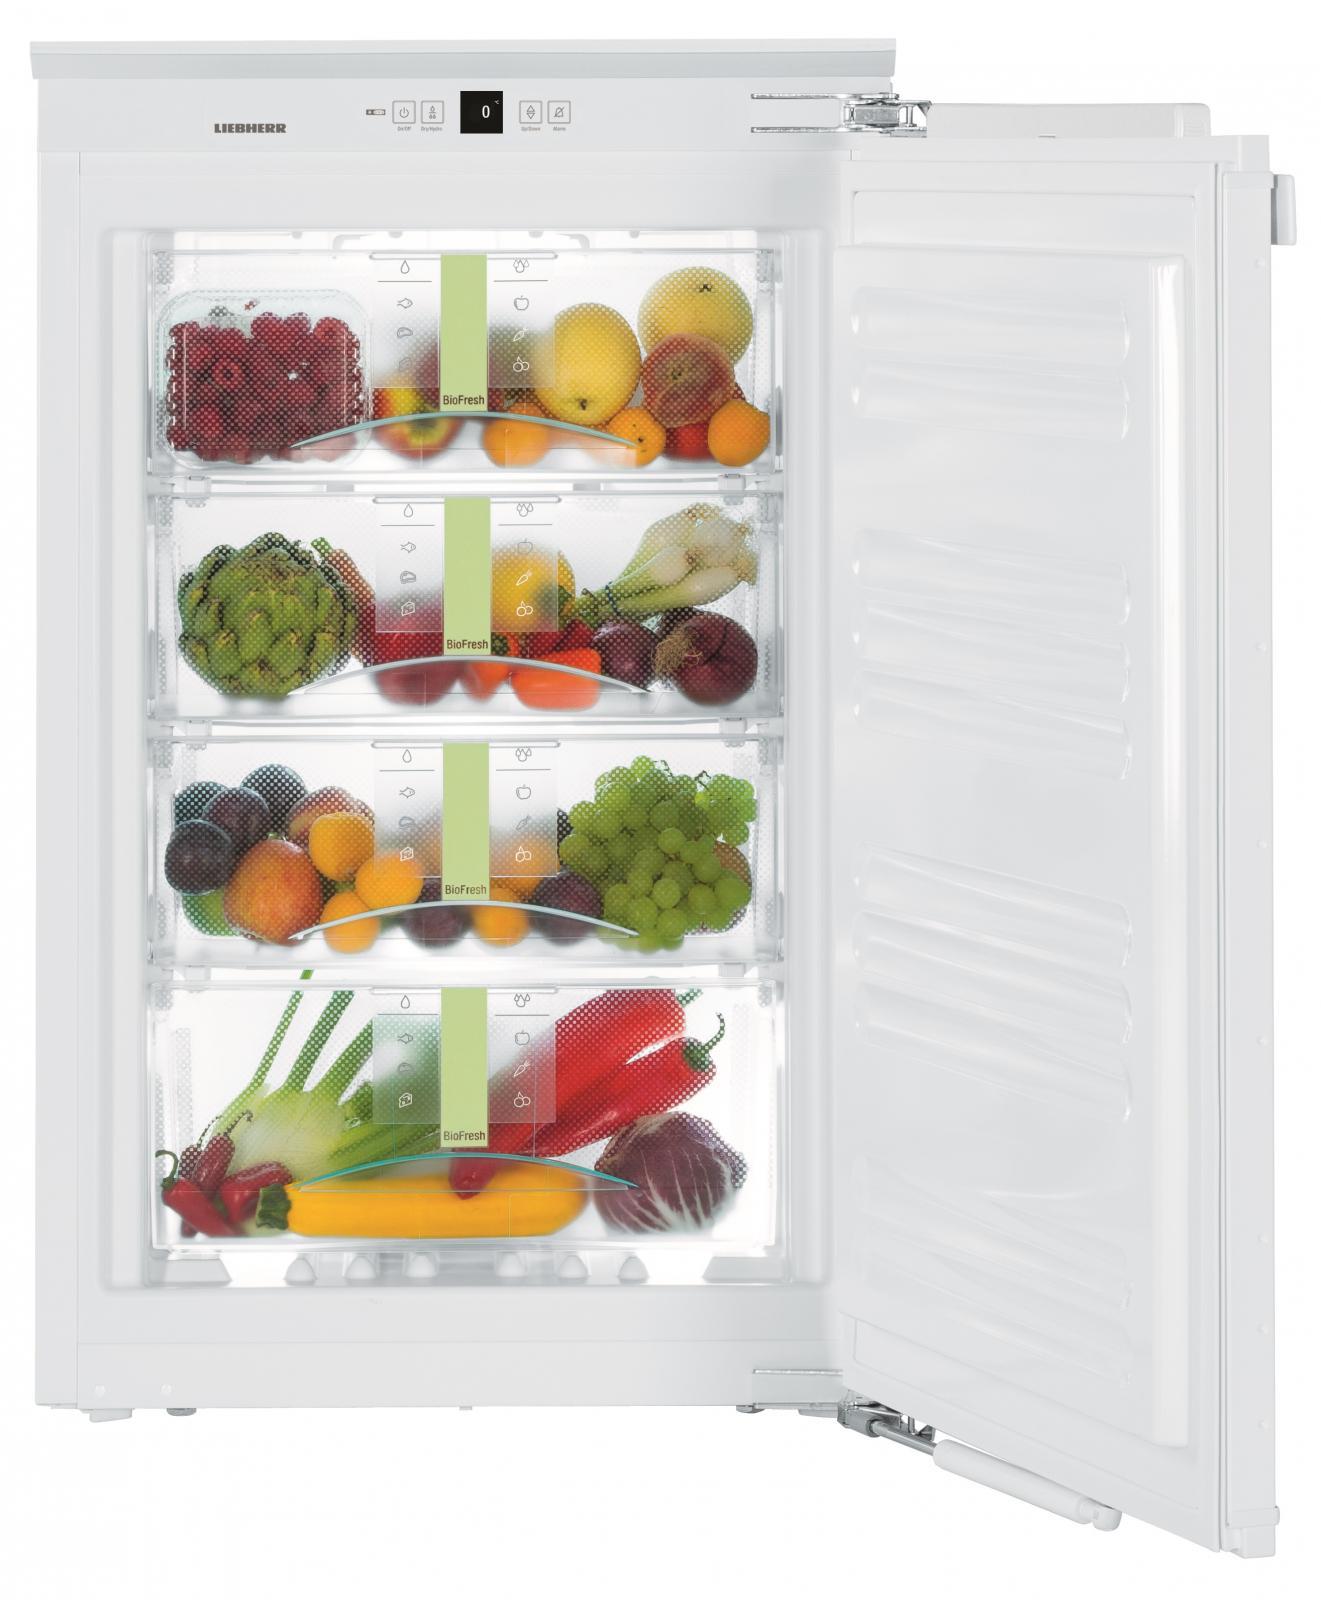 купить Встраиваемый однокамерный холодильник Liebherr IB 1650 Украина фото 0